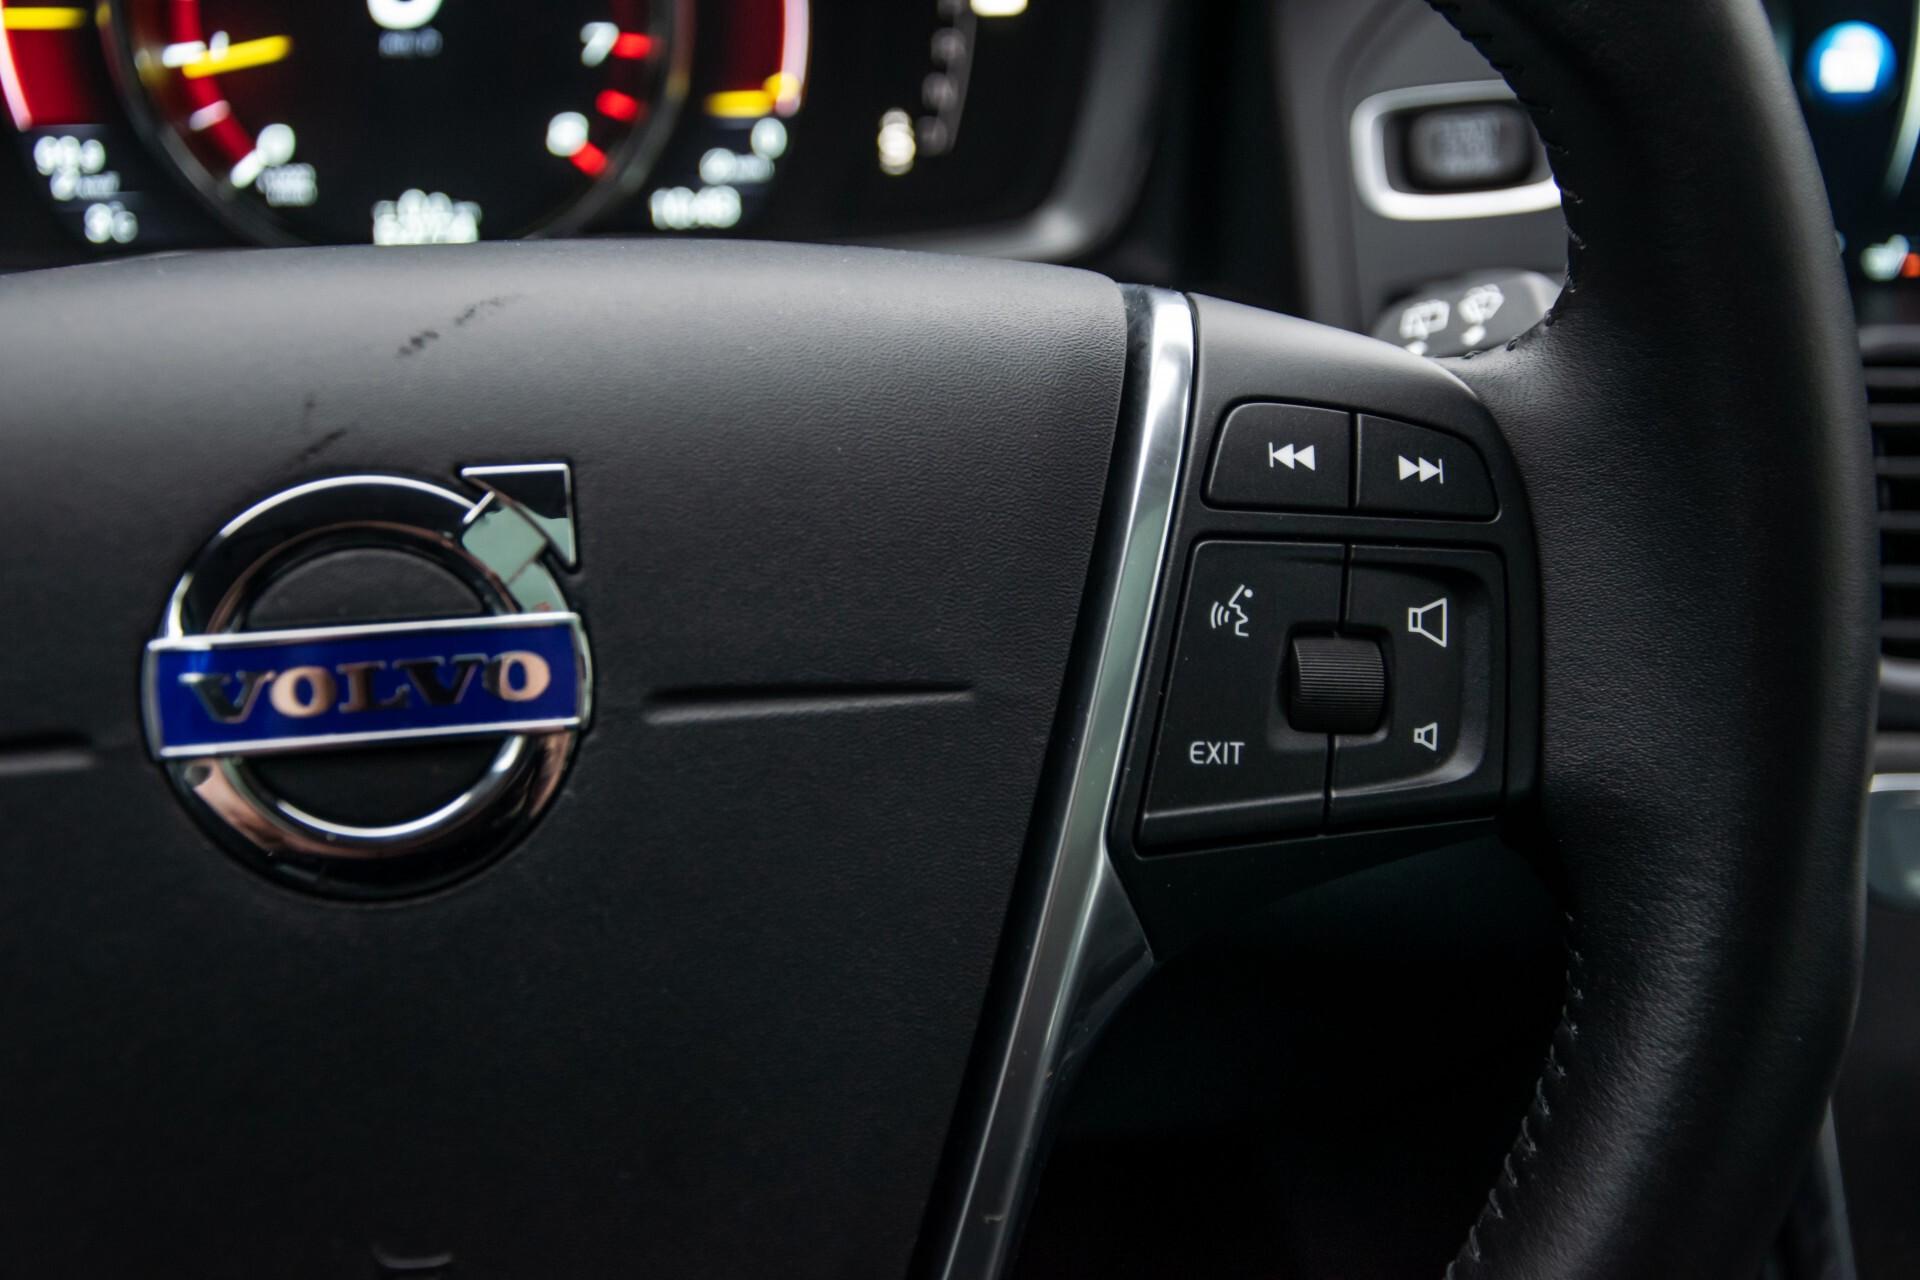 Volvo XC60 2.0 T5 FWD Ocean Race Panorama/Leer/Dealer OH Aut8 Foto 14